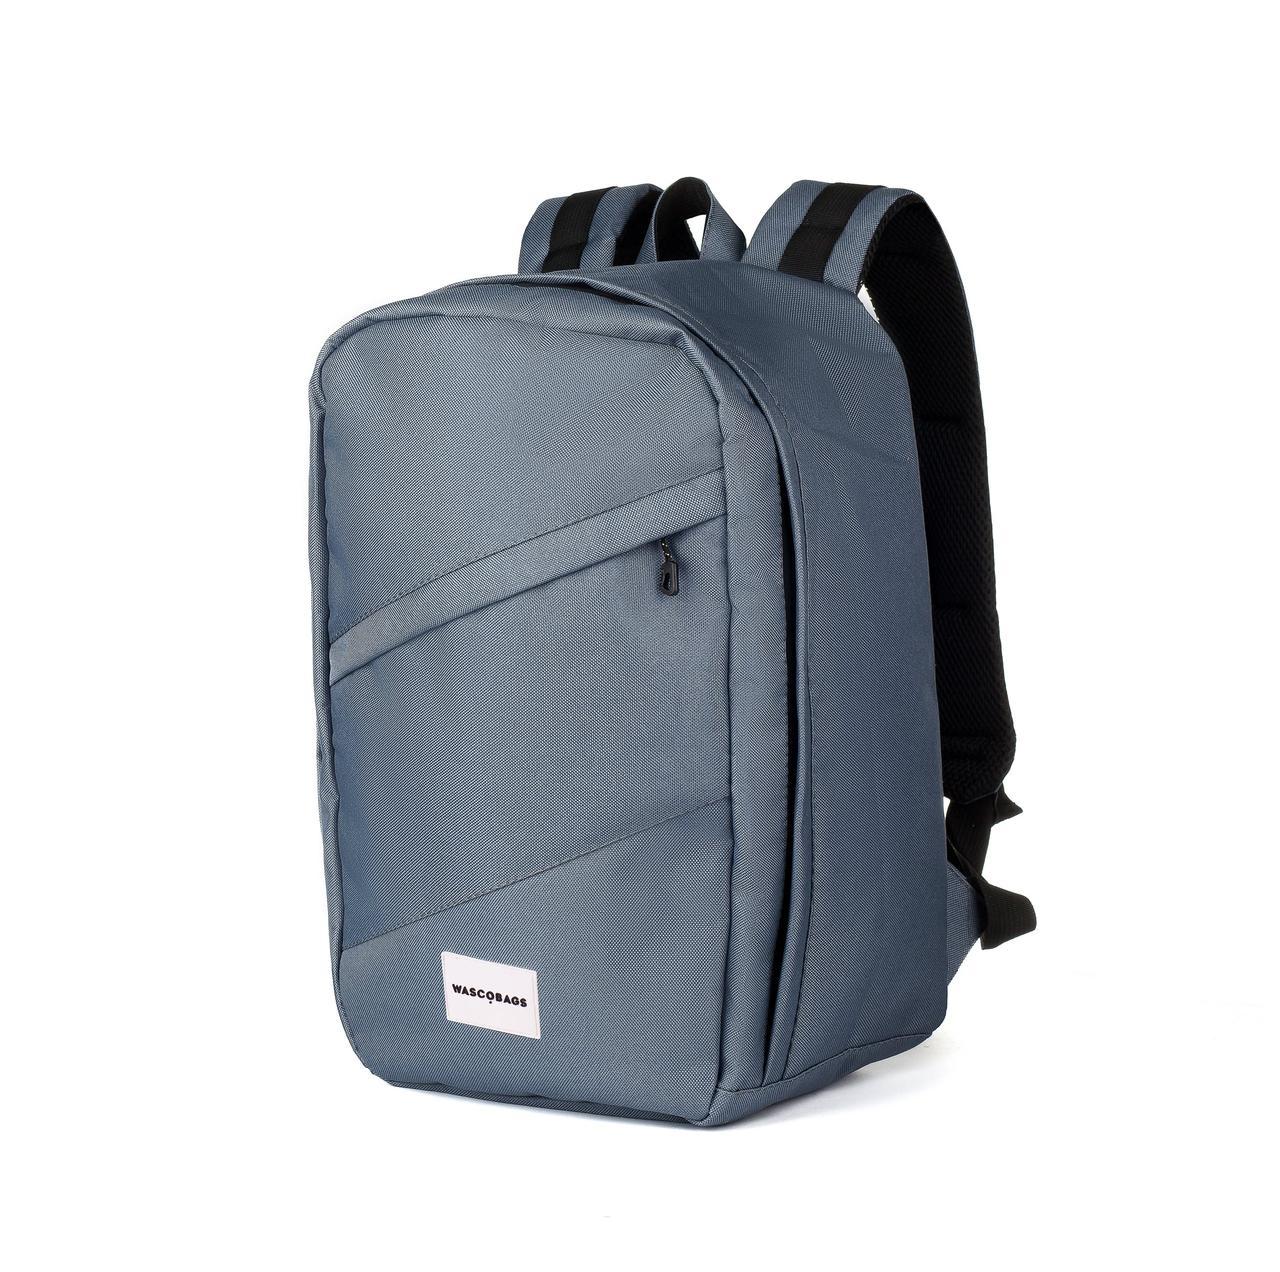 Рюкзак для ручной клади Wascobags 40x20x25 RW Графит